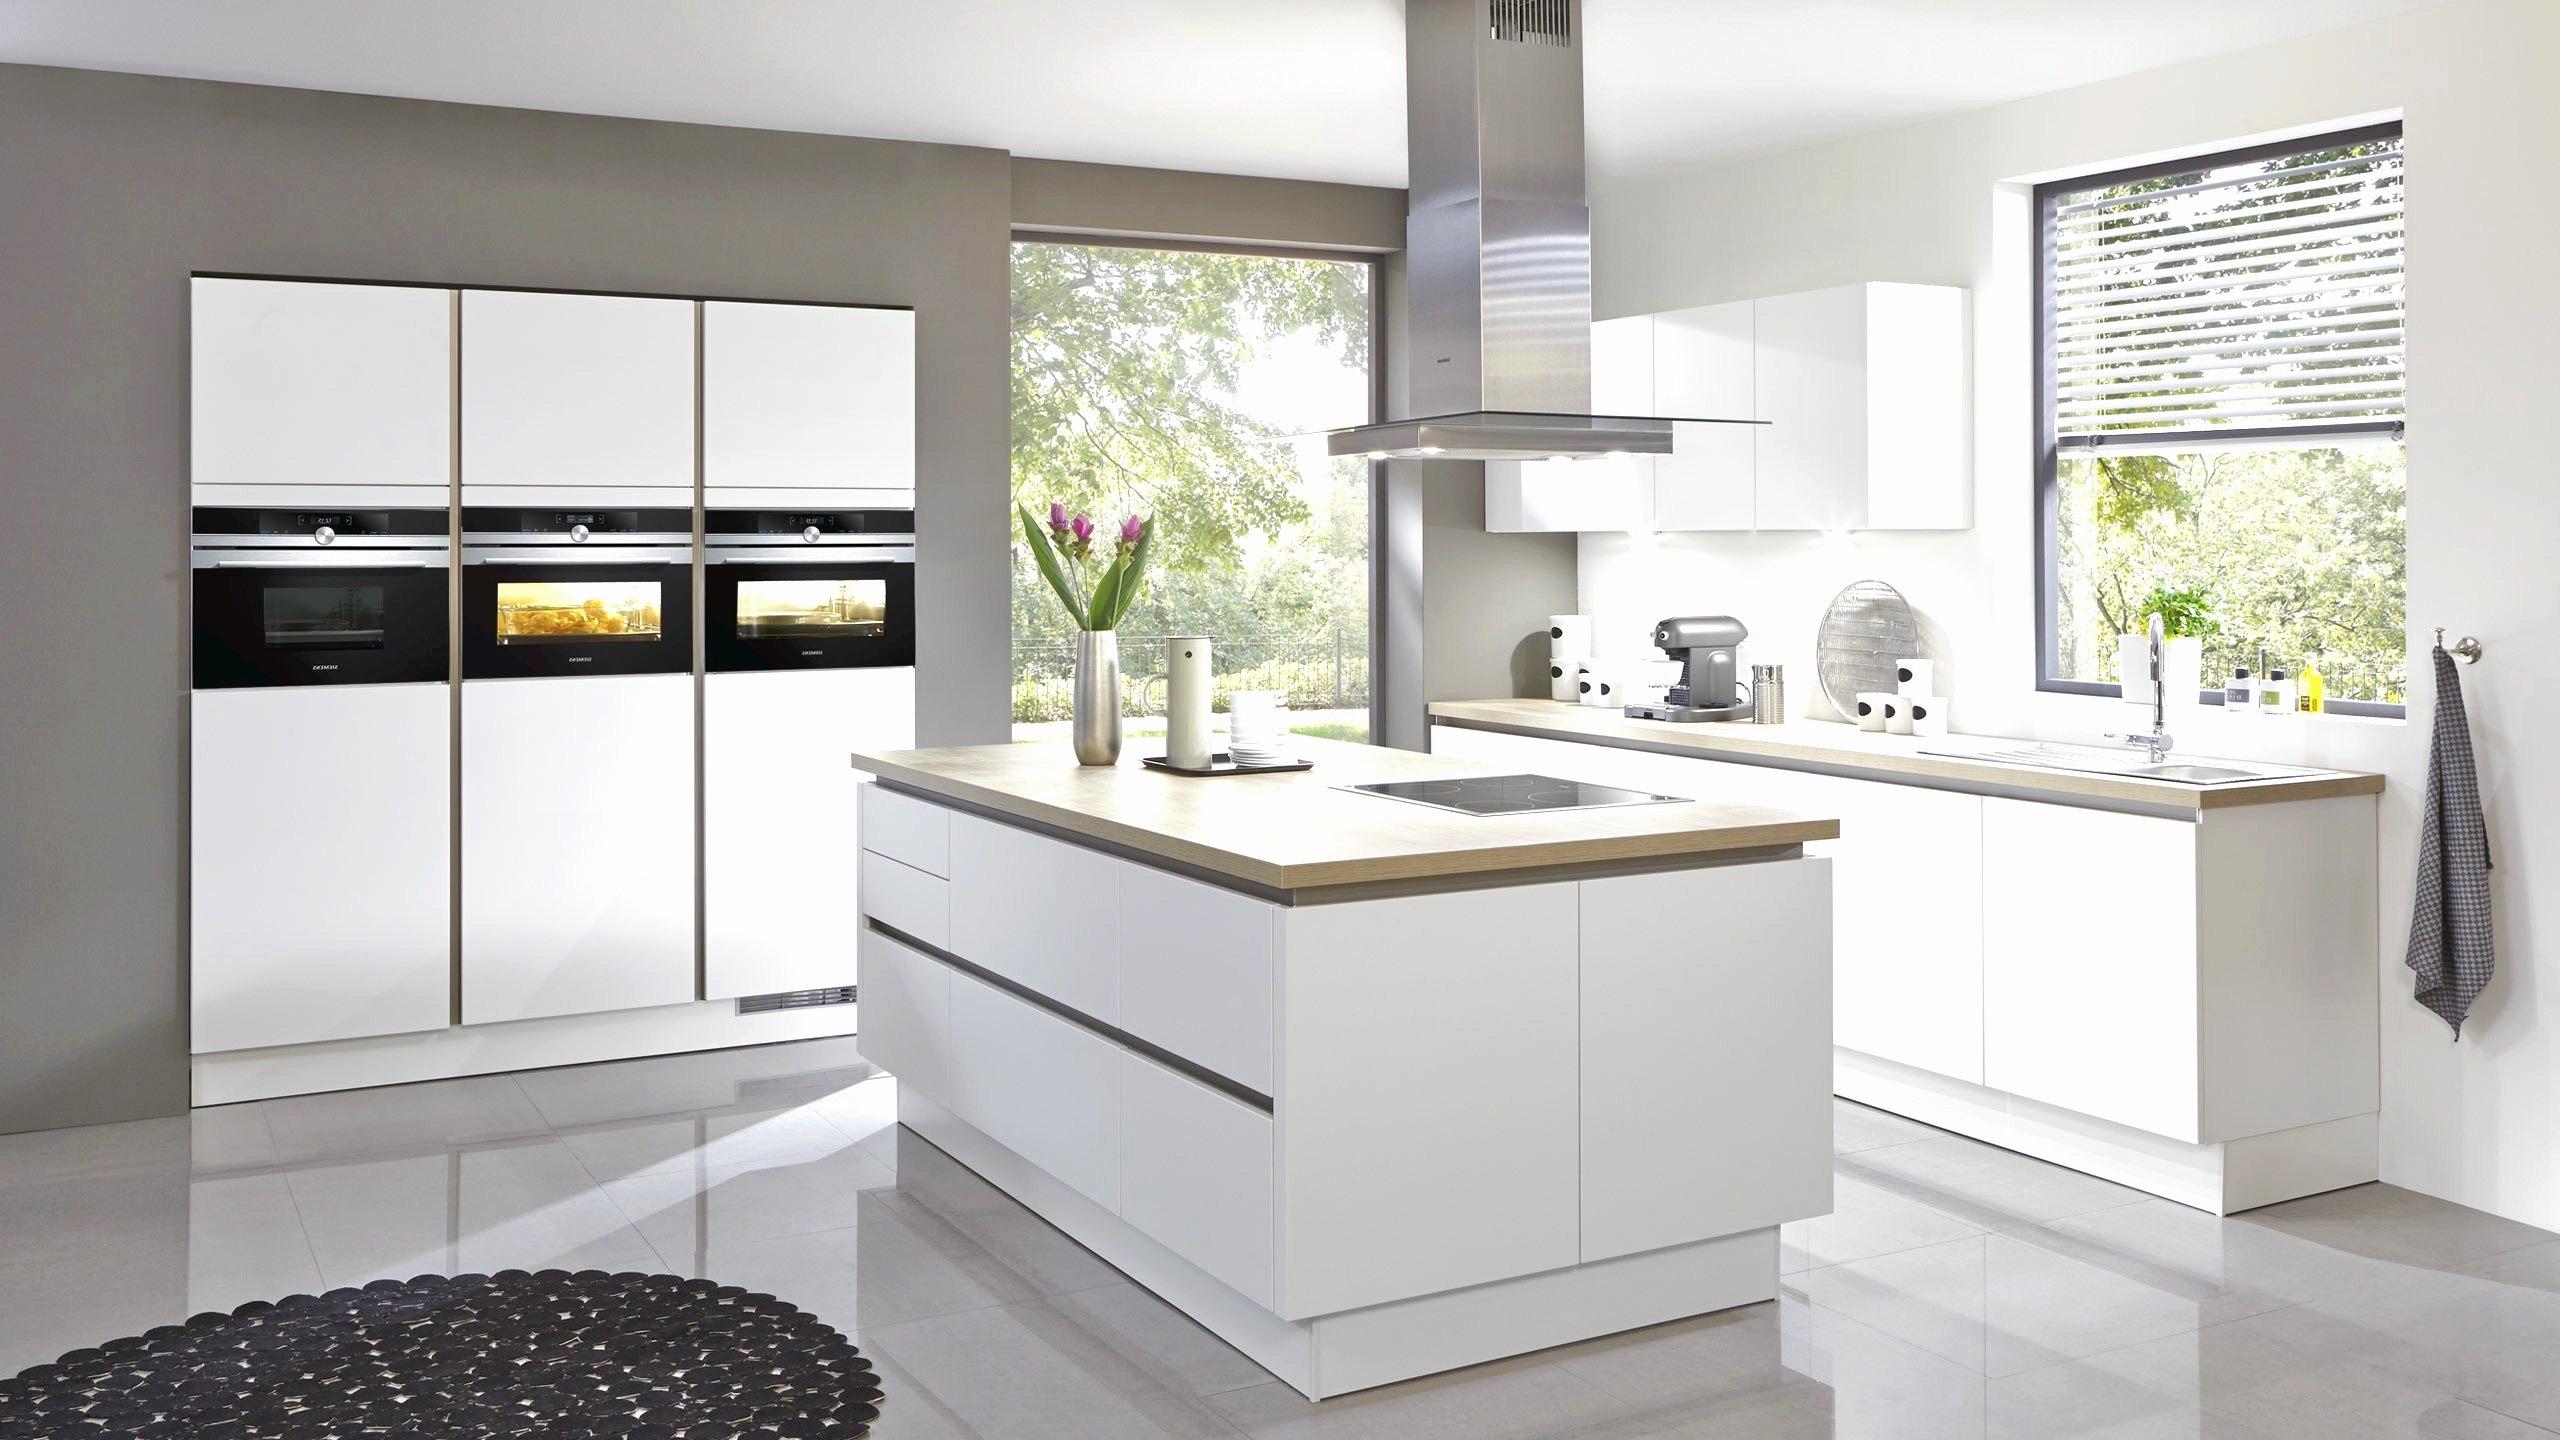 Full Size of Abwaschbare Tapeten Für Die Küche Schön Elegant Welche Tapete Für Küche Küche Tapeten Für Küche